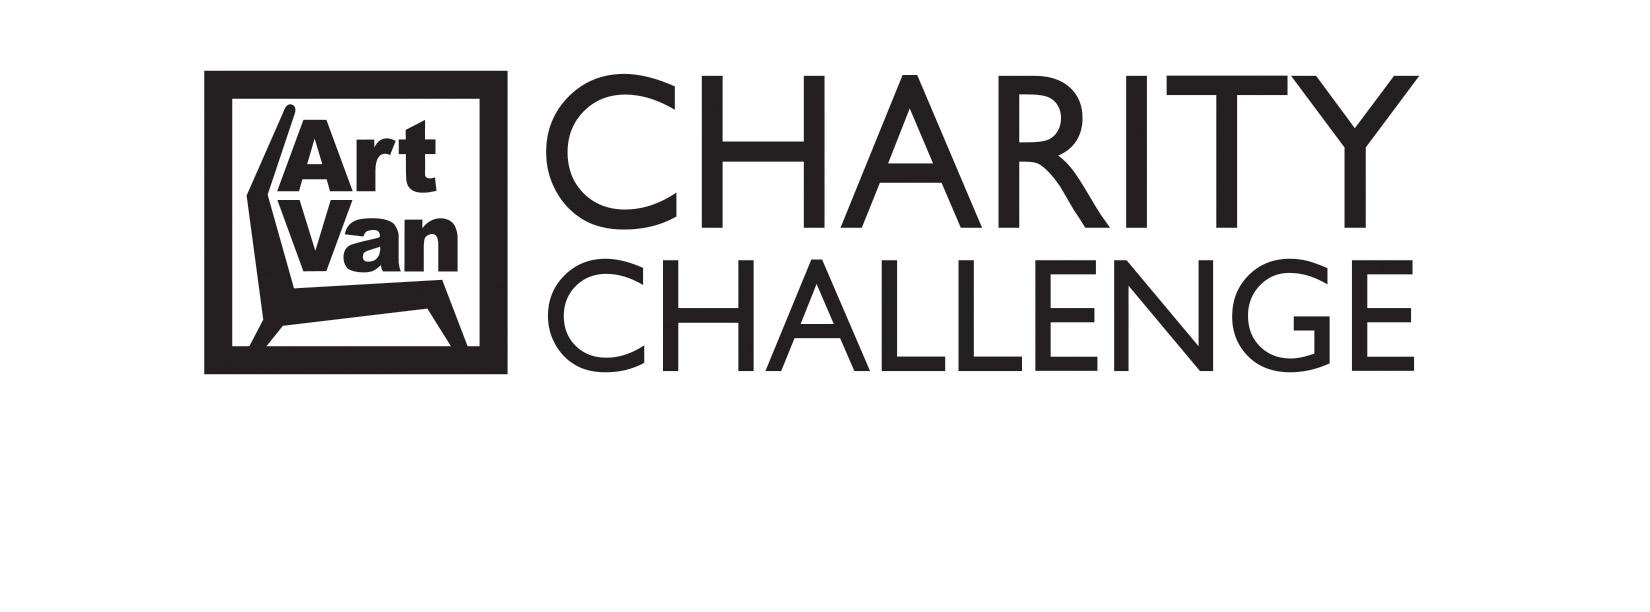 Art Van Charity Challenge Announcement Bonus Challenges